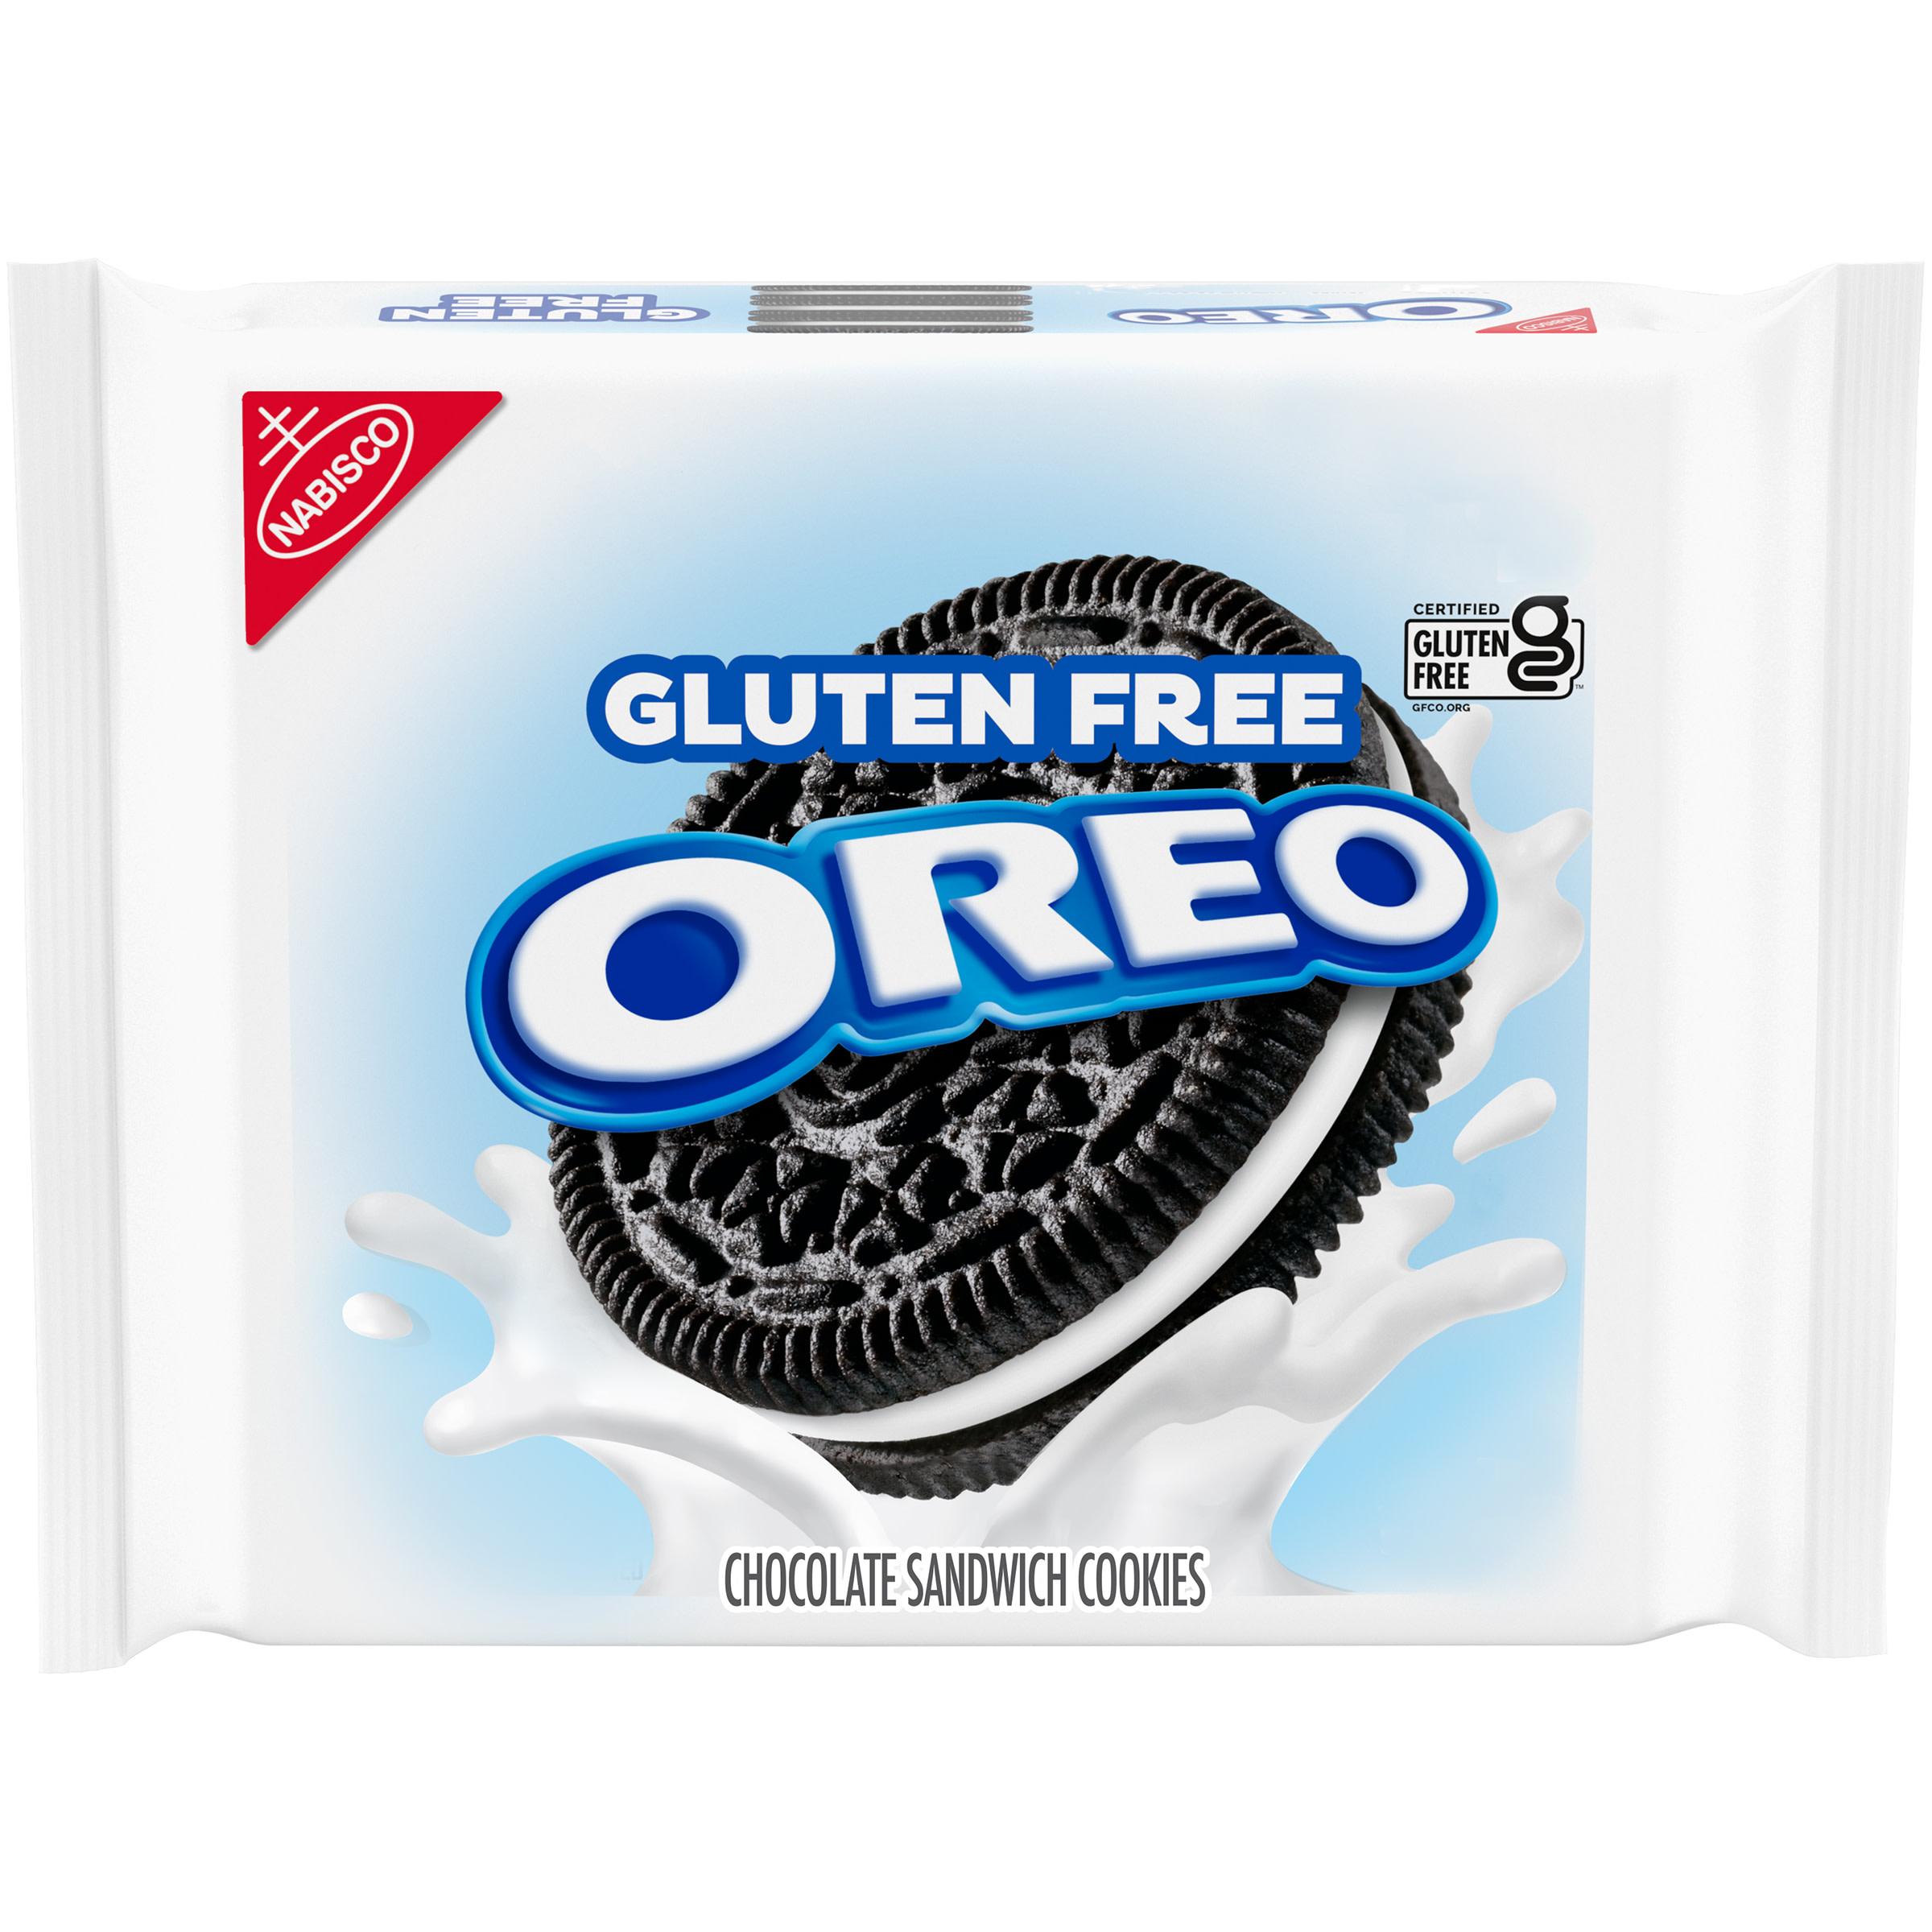 gluten free Oreo cookies 2021